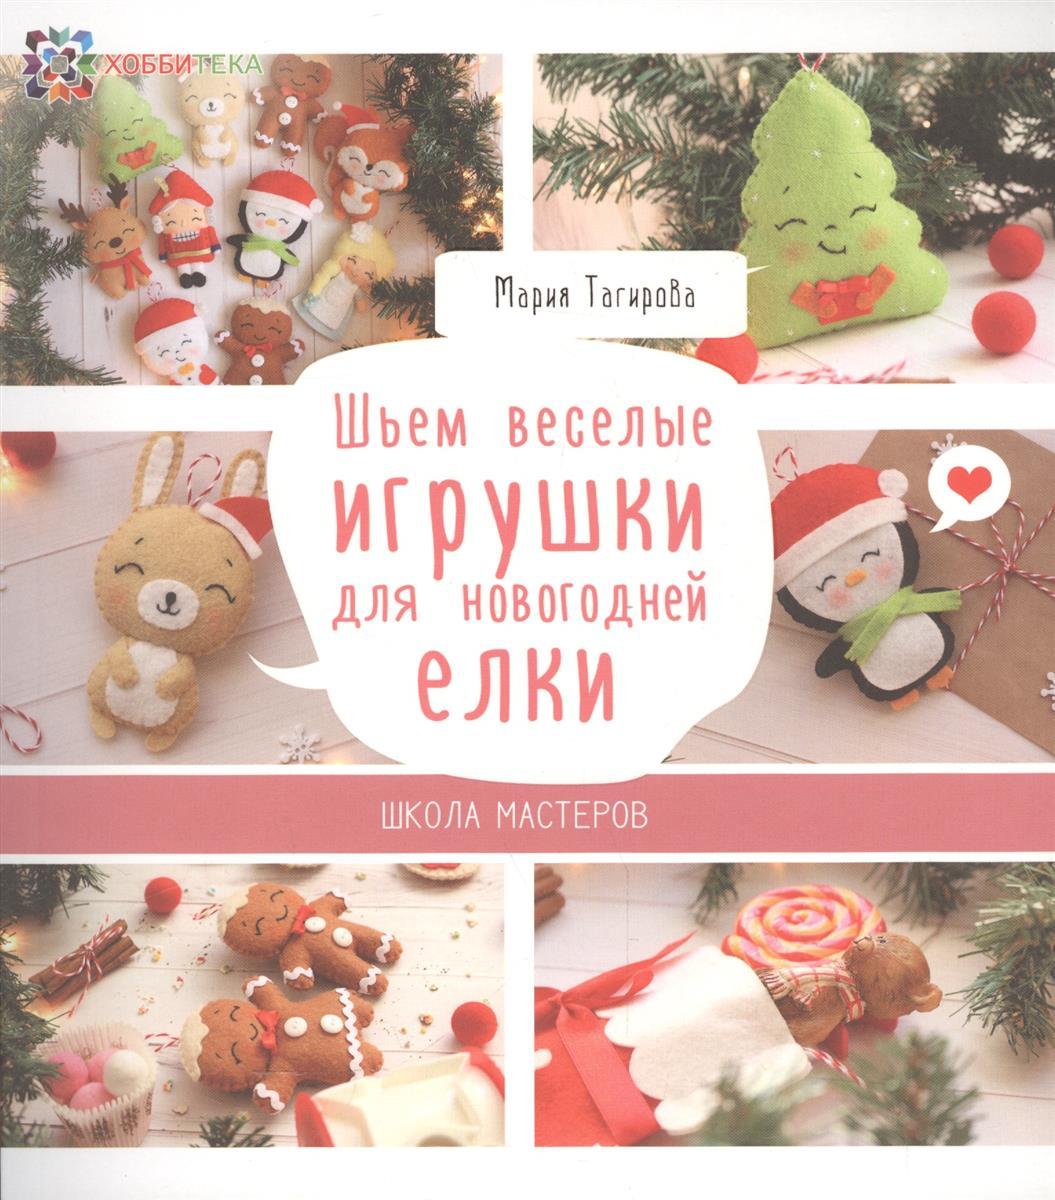 Тагирова М. Шьем веселые игрушки для новогодней елки игрушки для елки